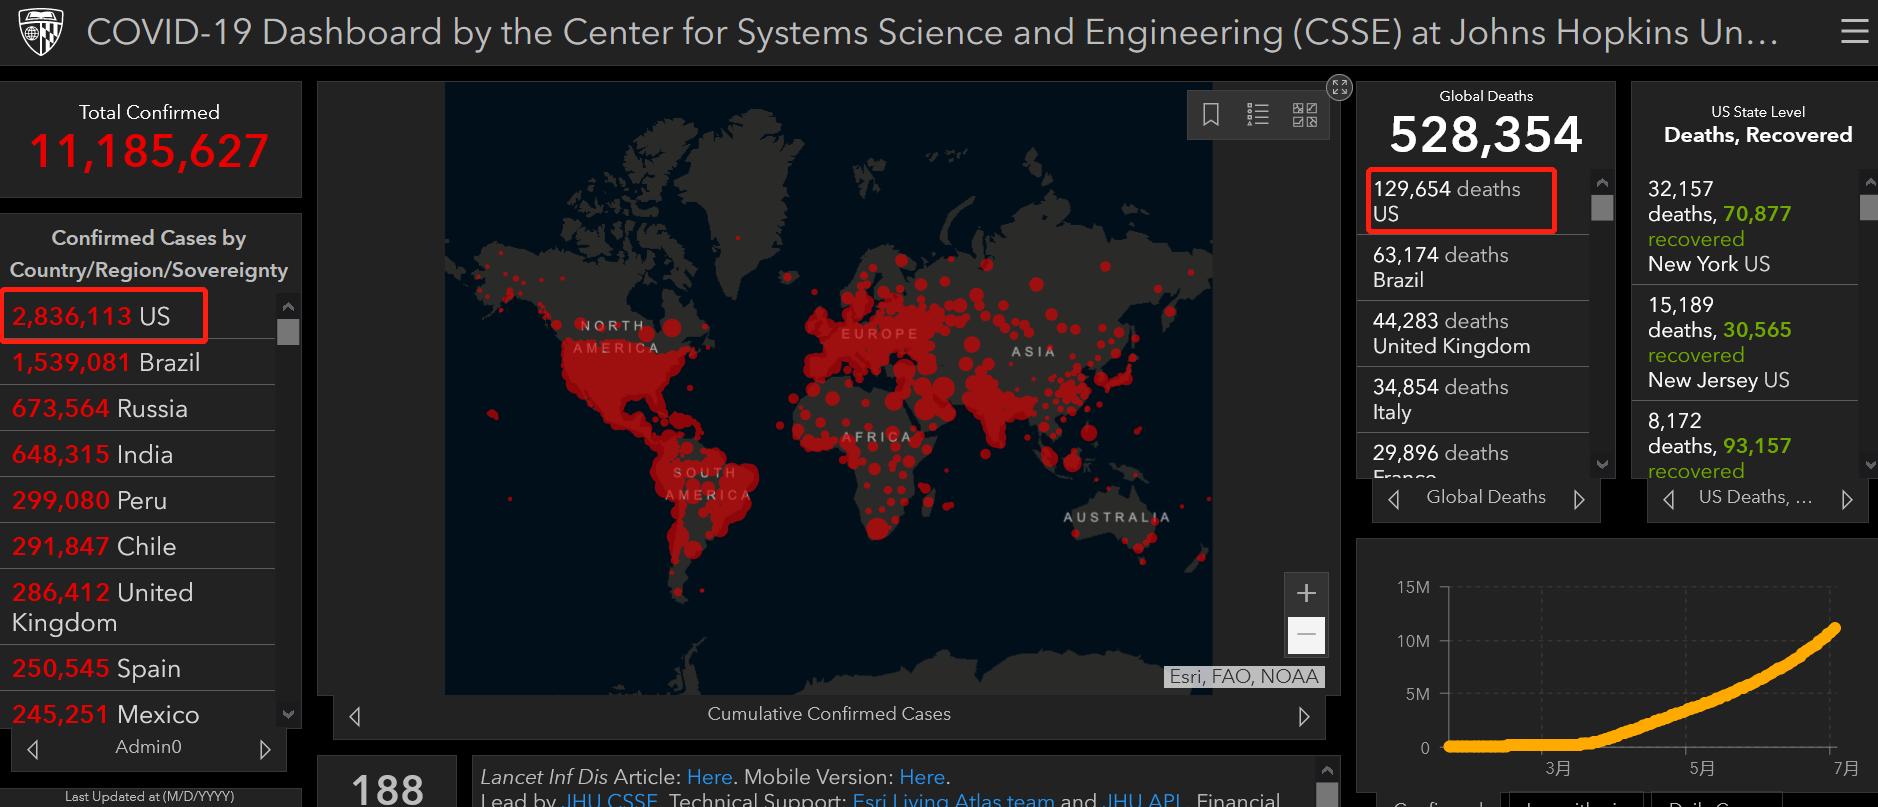 约翰斯·霍普金斯大学发布的疫情数据